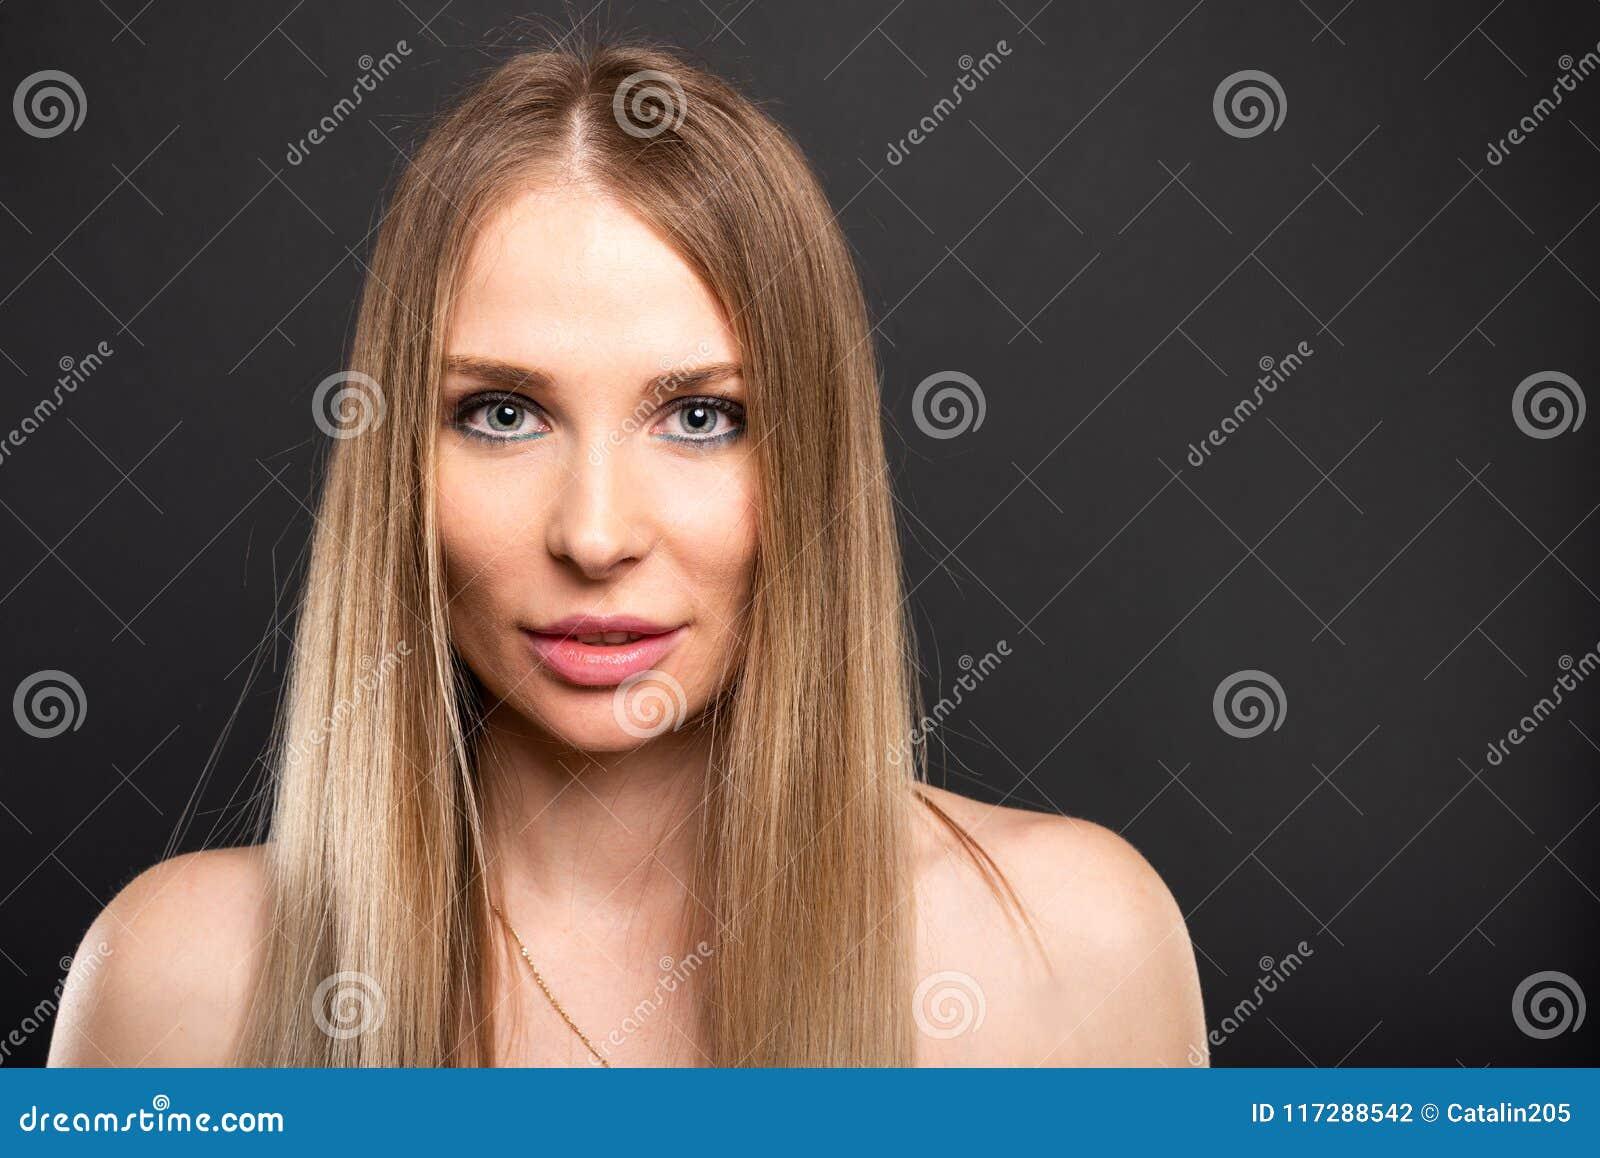 Ritratto di bello modello femminile che posa sguardo sexy